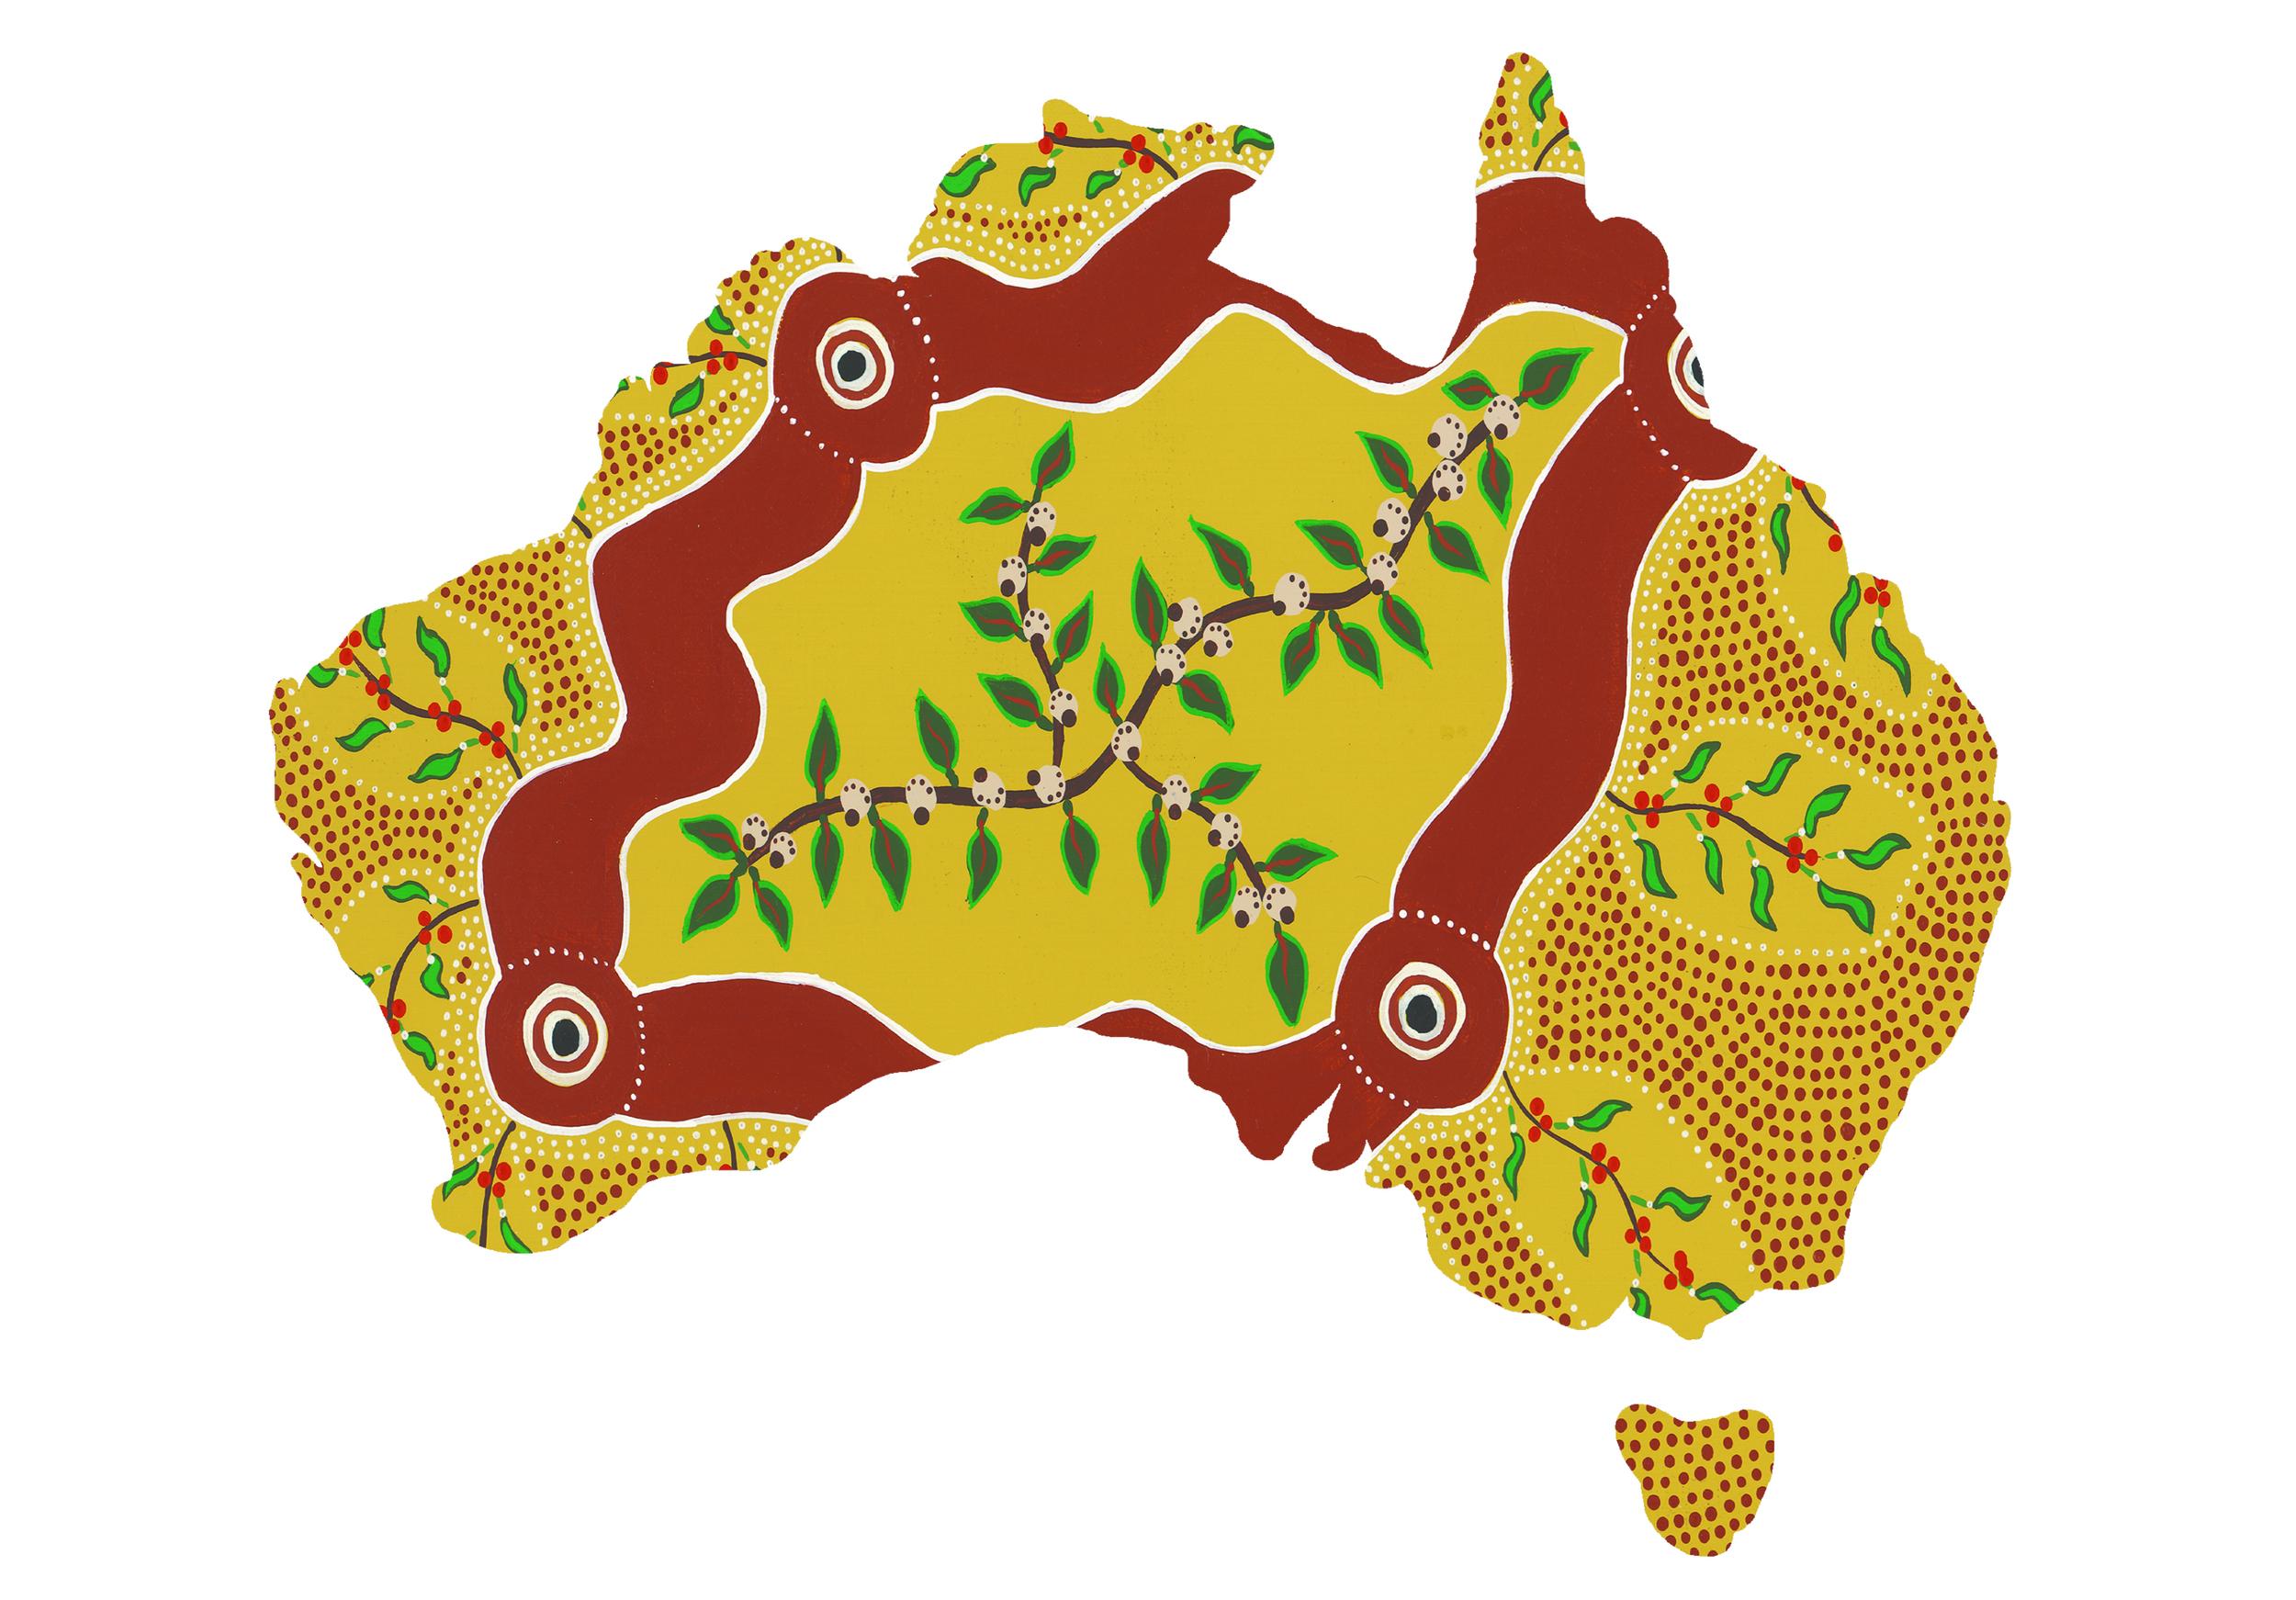 Aust - bush tucker.jpg